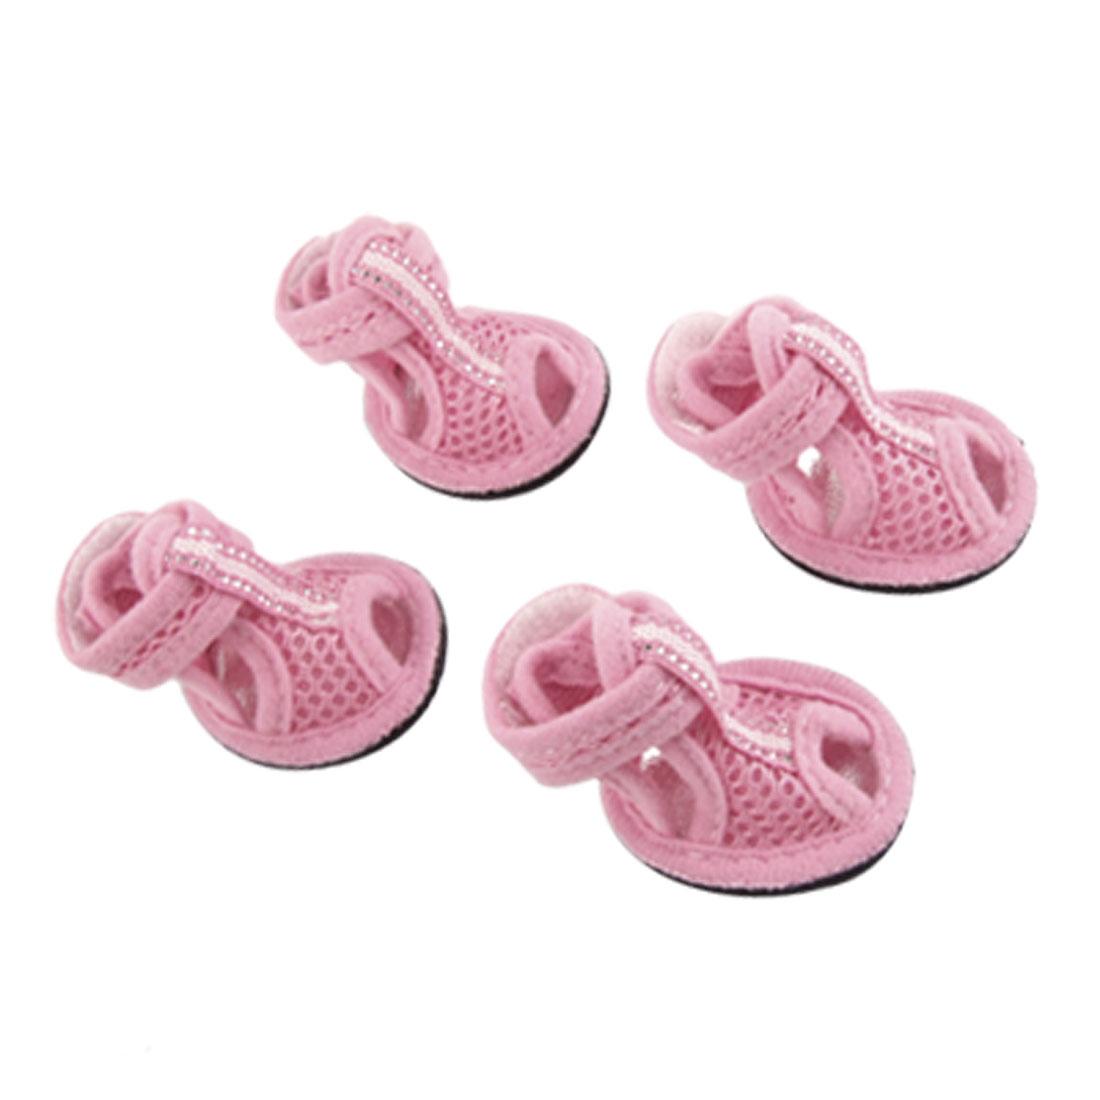 4 Pcs Pet Dog Detachable Closure Pink Mesh Shoes Nonslip Sandals Size 2